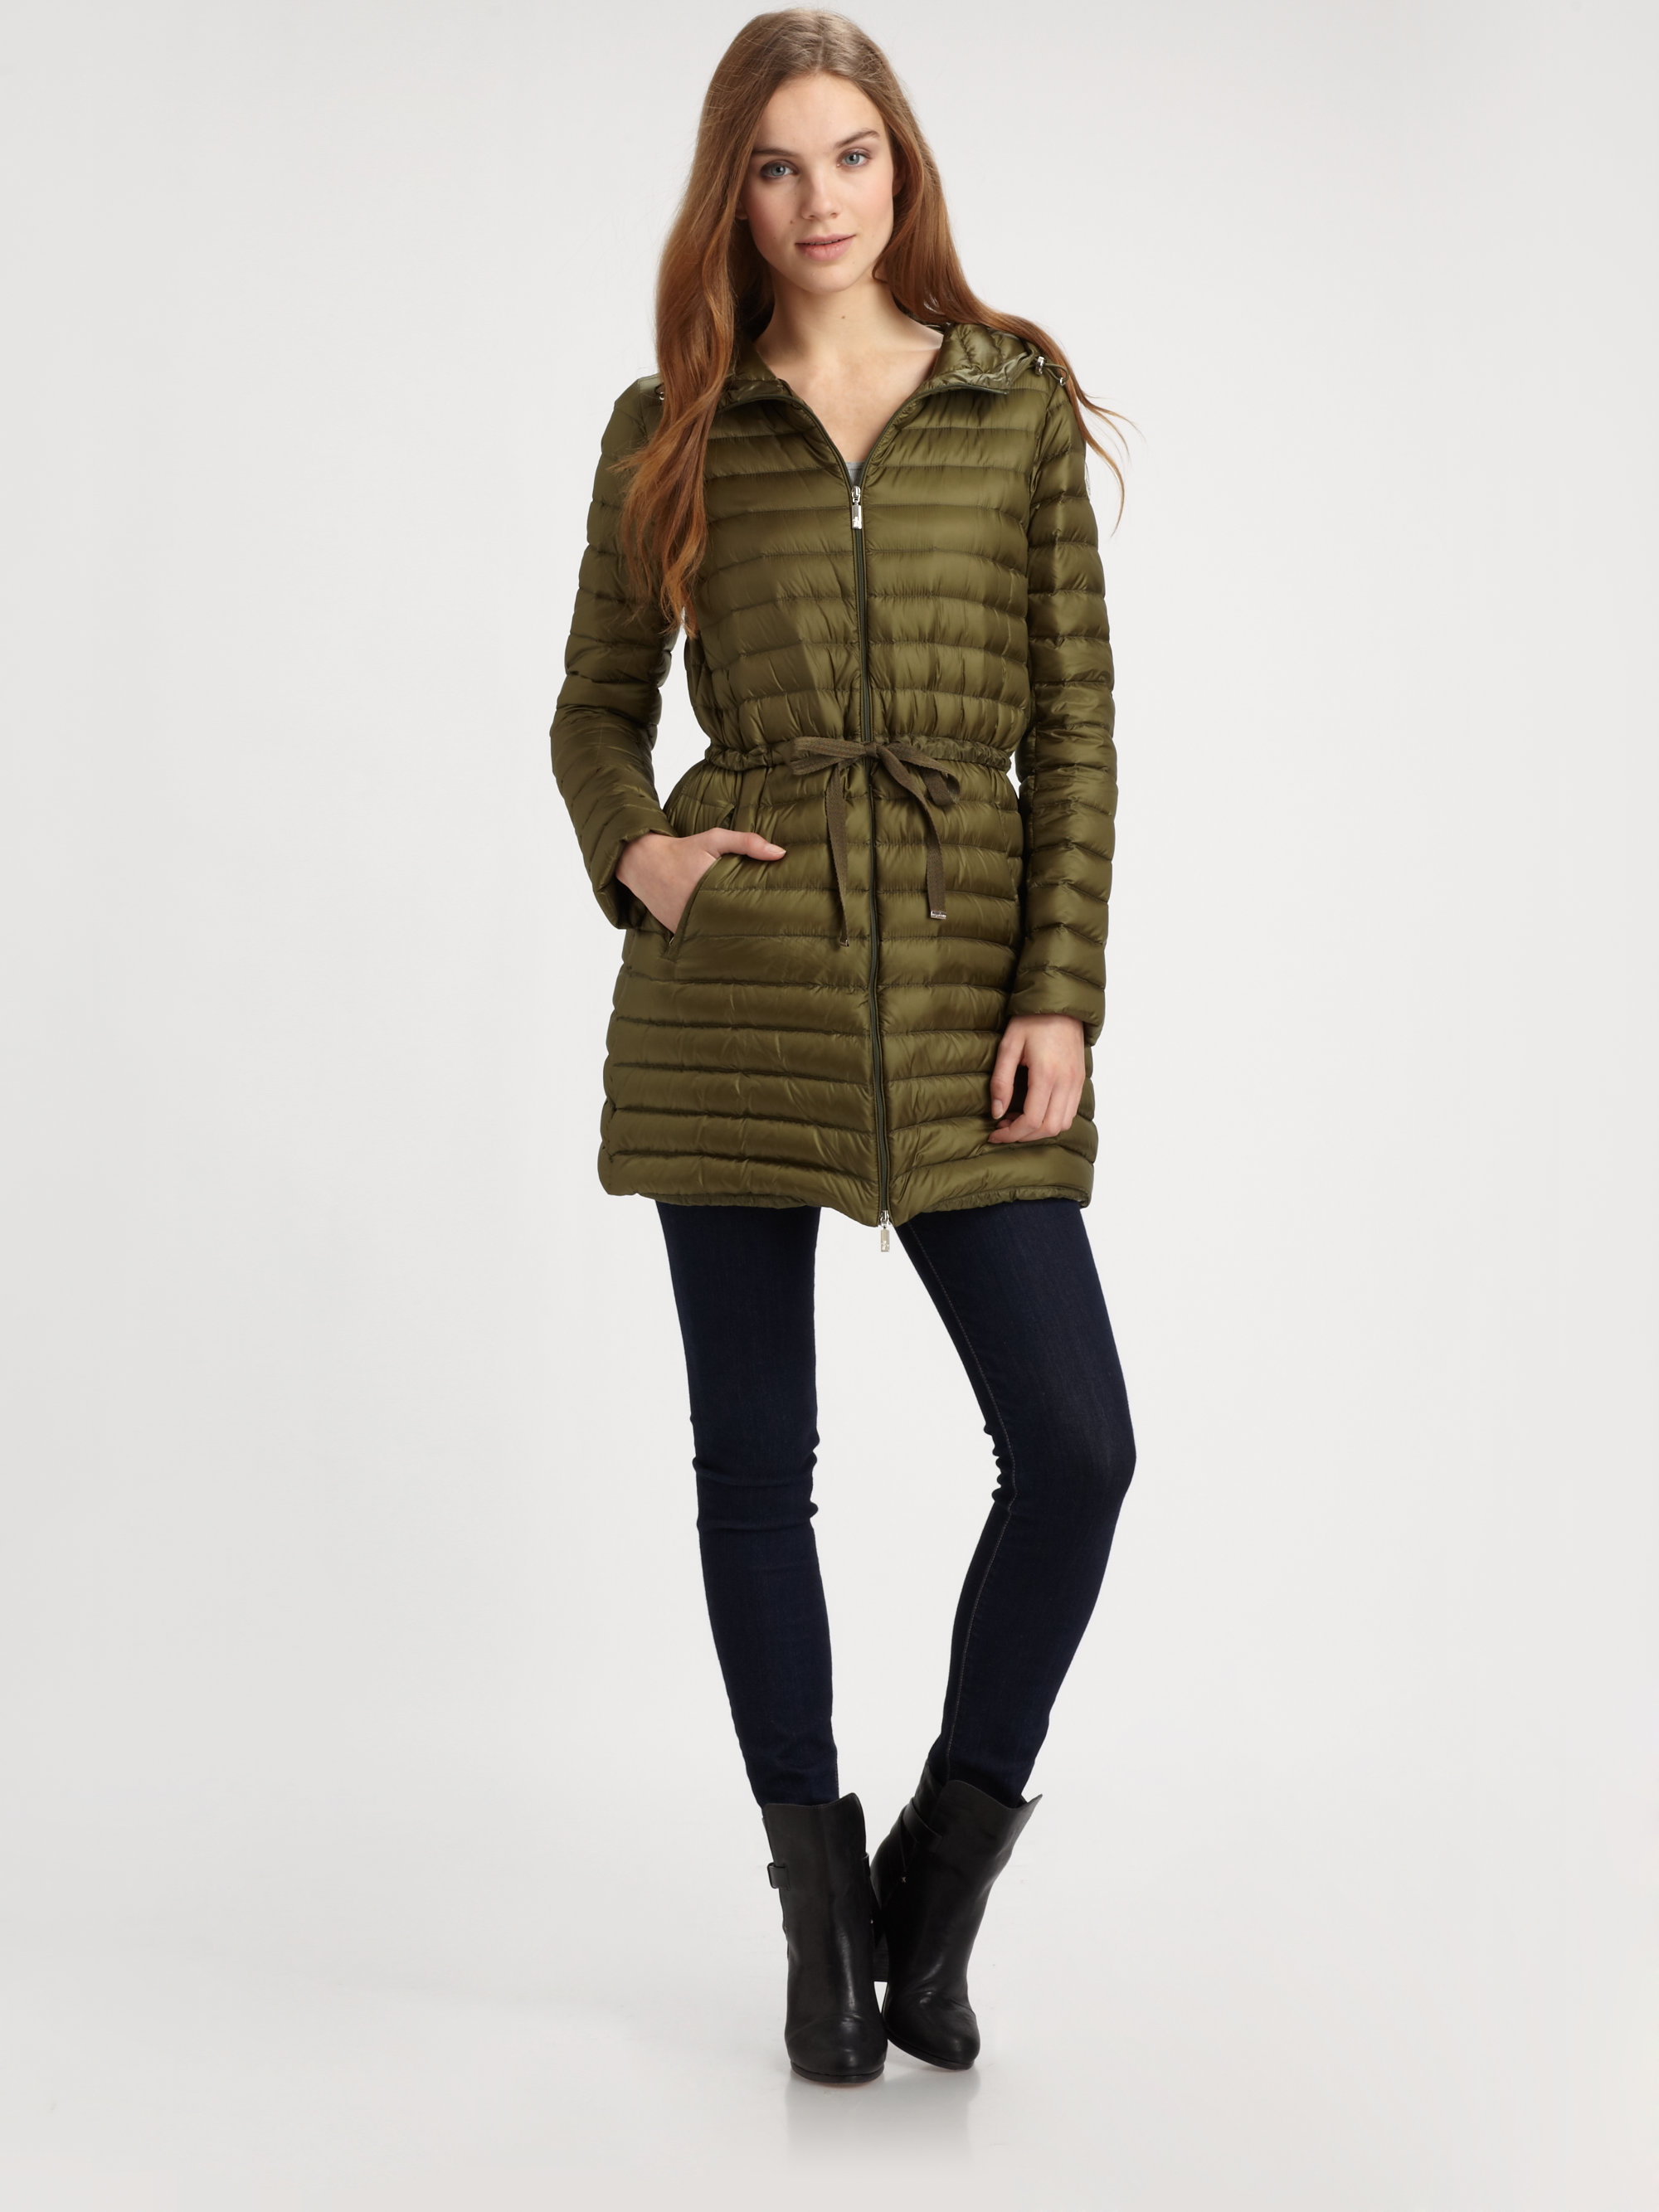 moncler aure longue season jacket